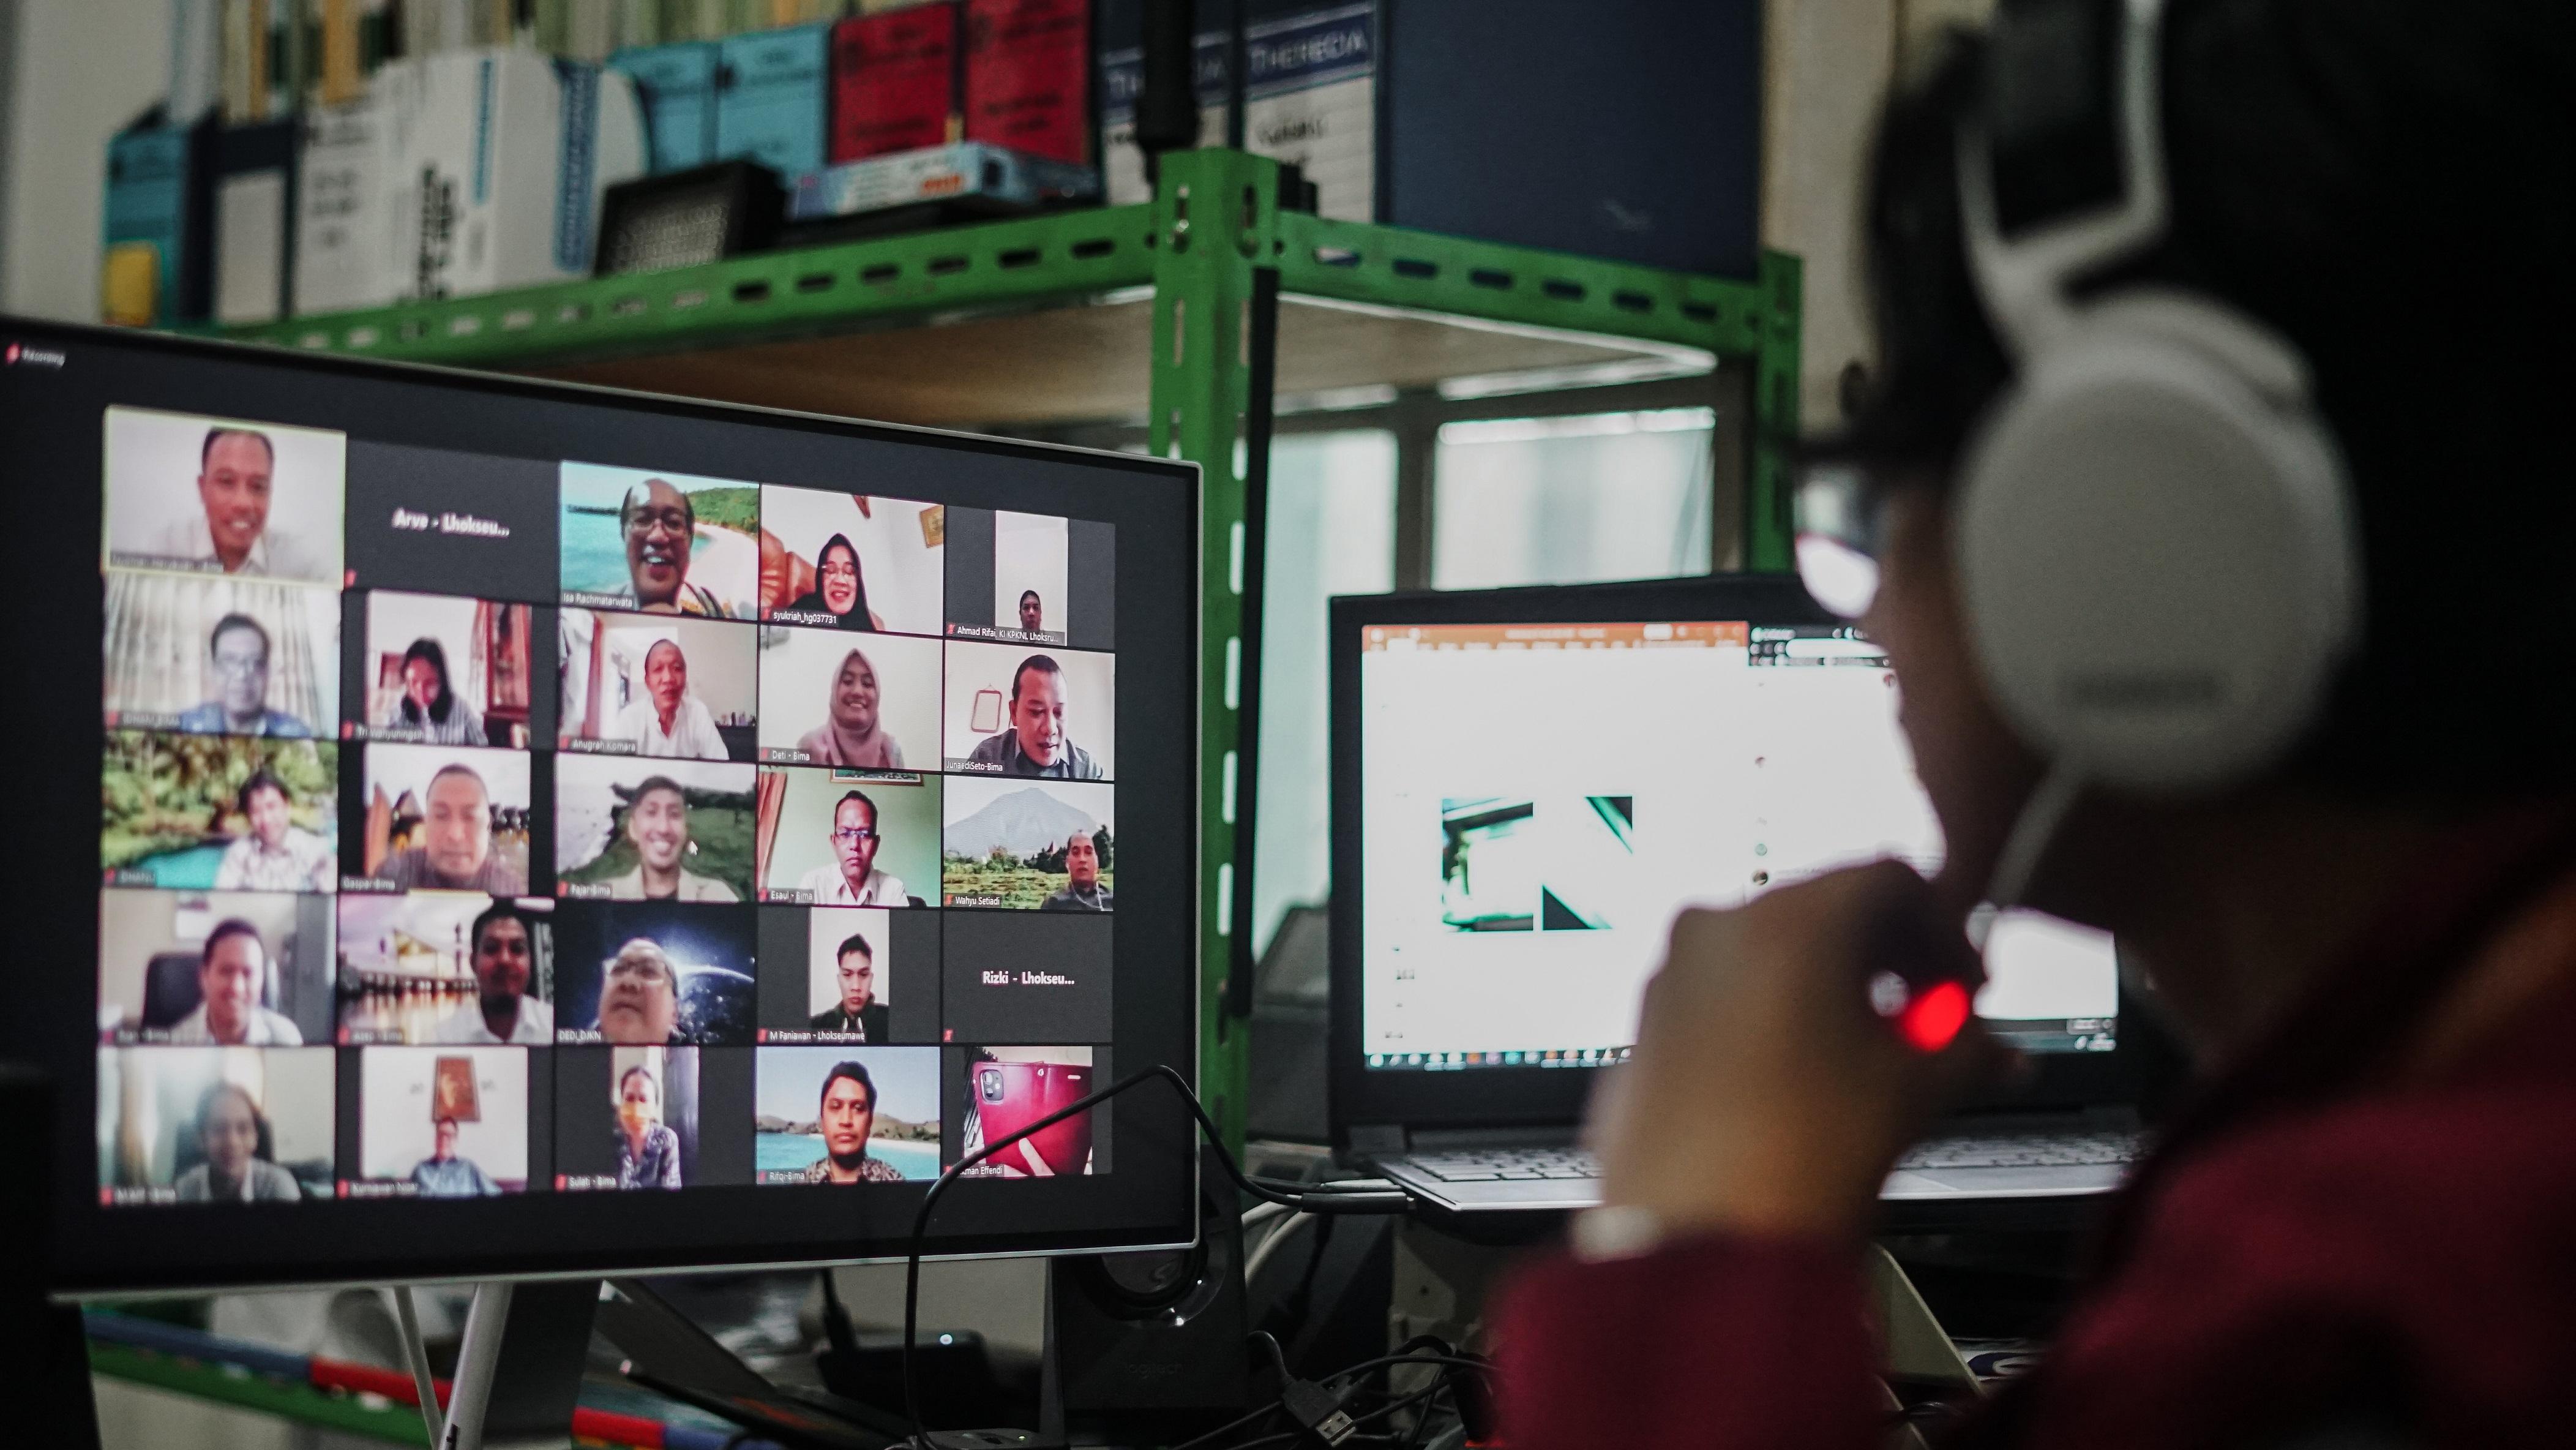 Virtual Visit oleh Dirjen KN bersama KPKNL Lhokseumawe dan KPKNL Bima